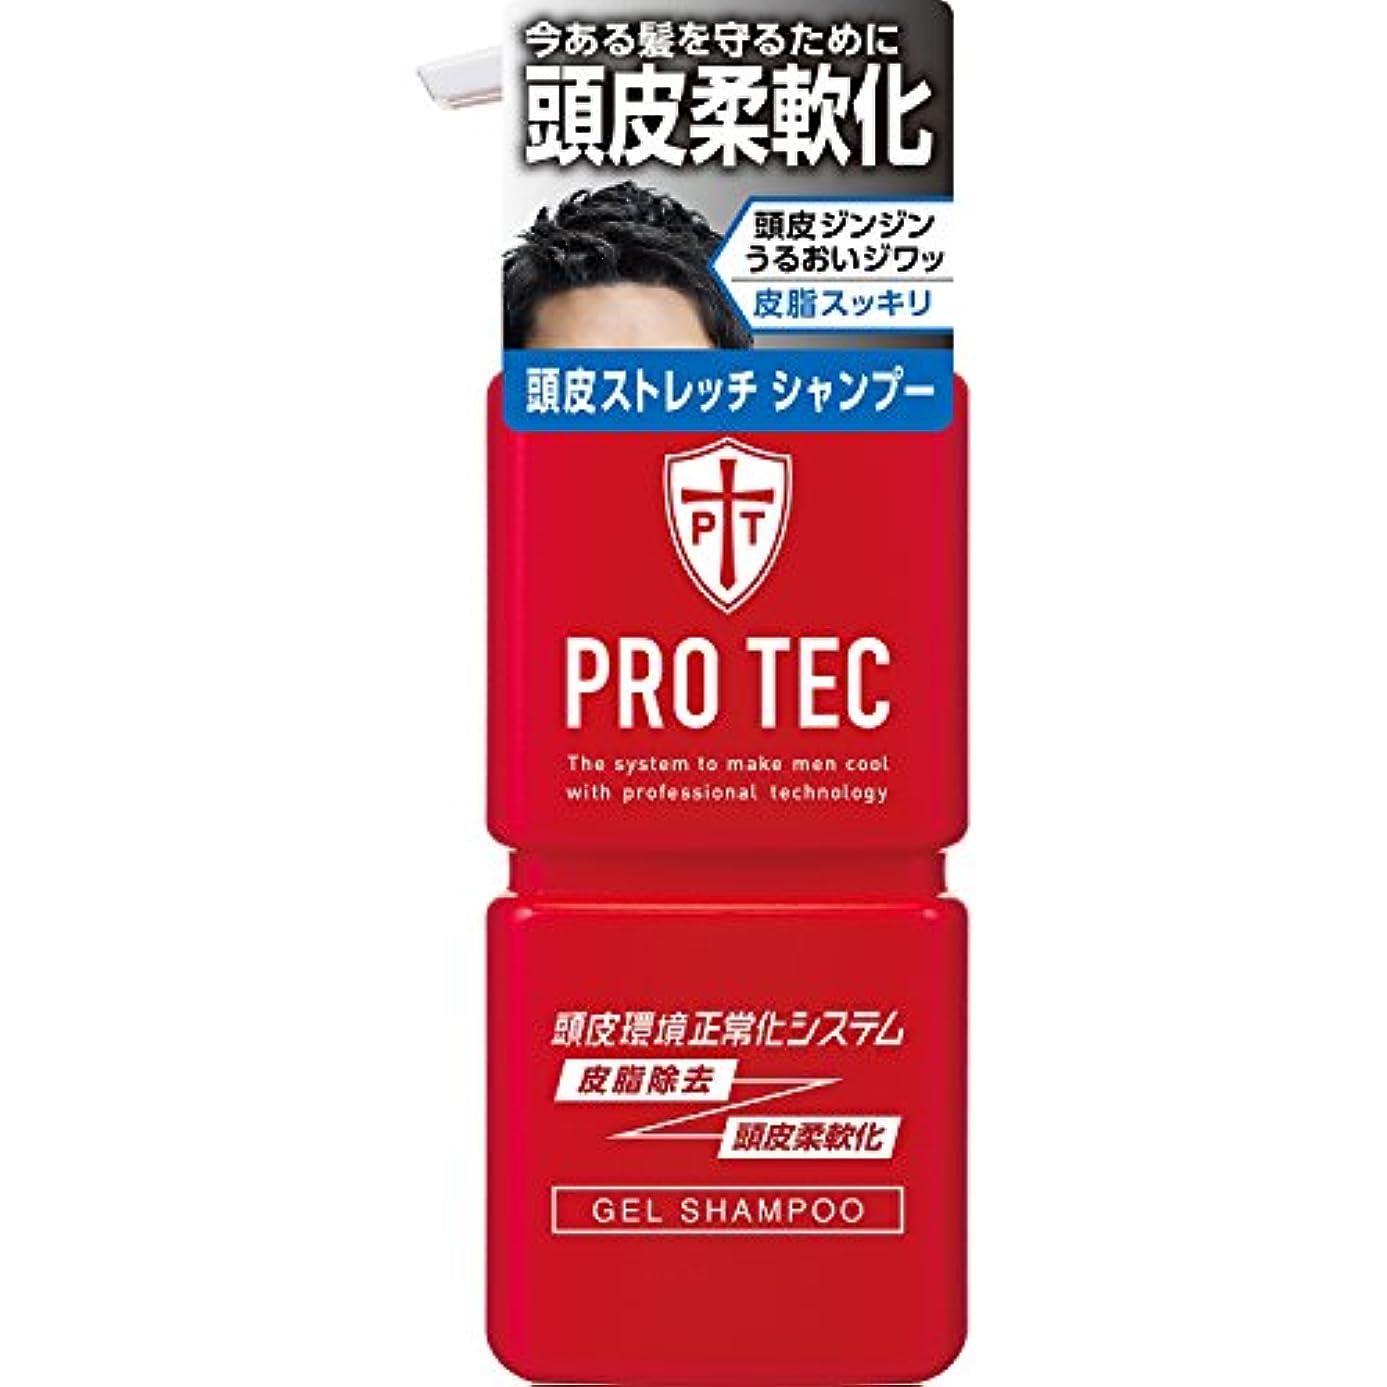 中毒倉庫心配するPRO TEC(プロテク) 頭皮ストレッチ シャンプー 本体ポンプ 300g(医薬部外品)